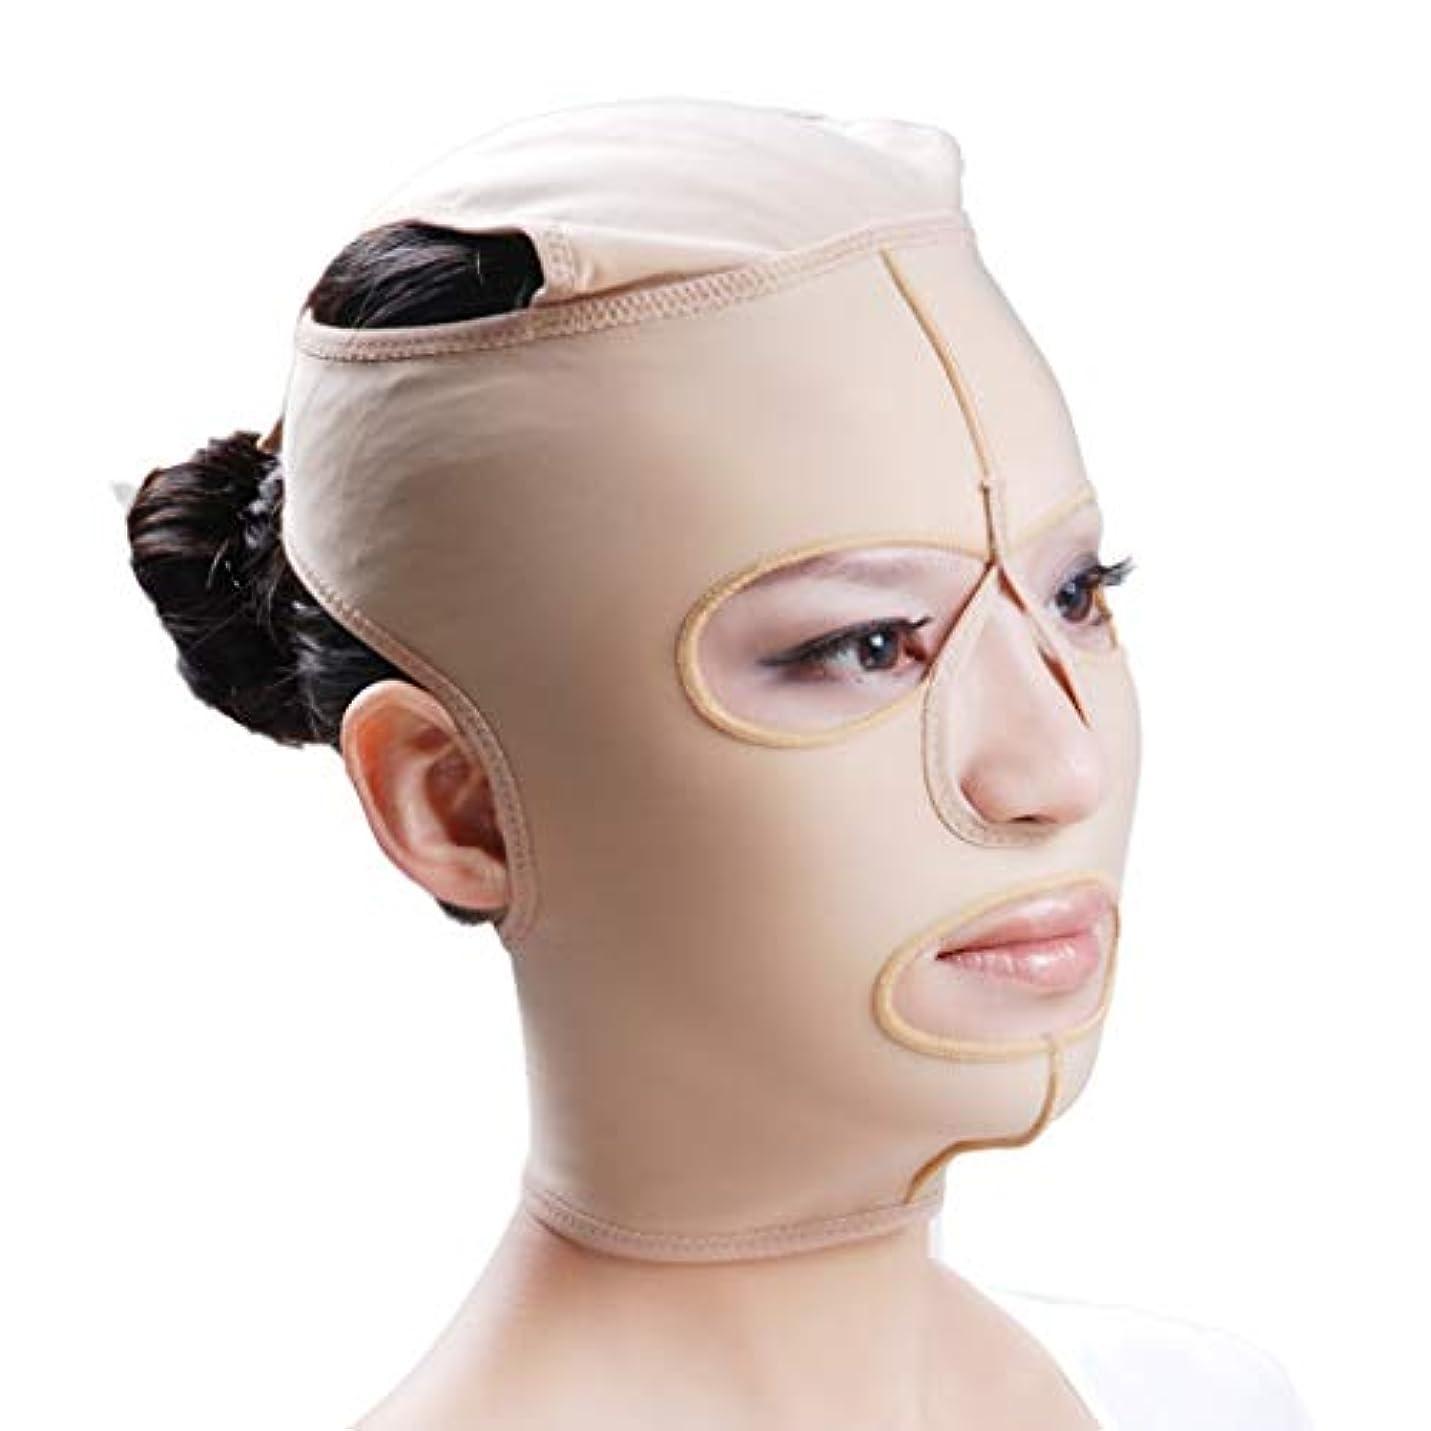 虚栄心魔術多用途XHLMRMJ フェイスリフトマスク、フルフェイスマスク医療グレード圧力フェイスダブルチンプラスチック脂肪吸引術弾性包帯ヘッドギア後の顔の脂肪吸引術 (Size : M)